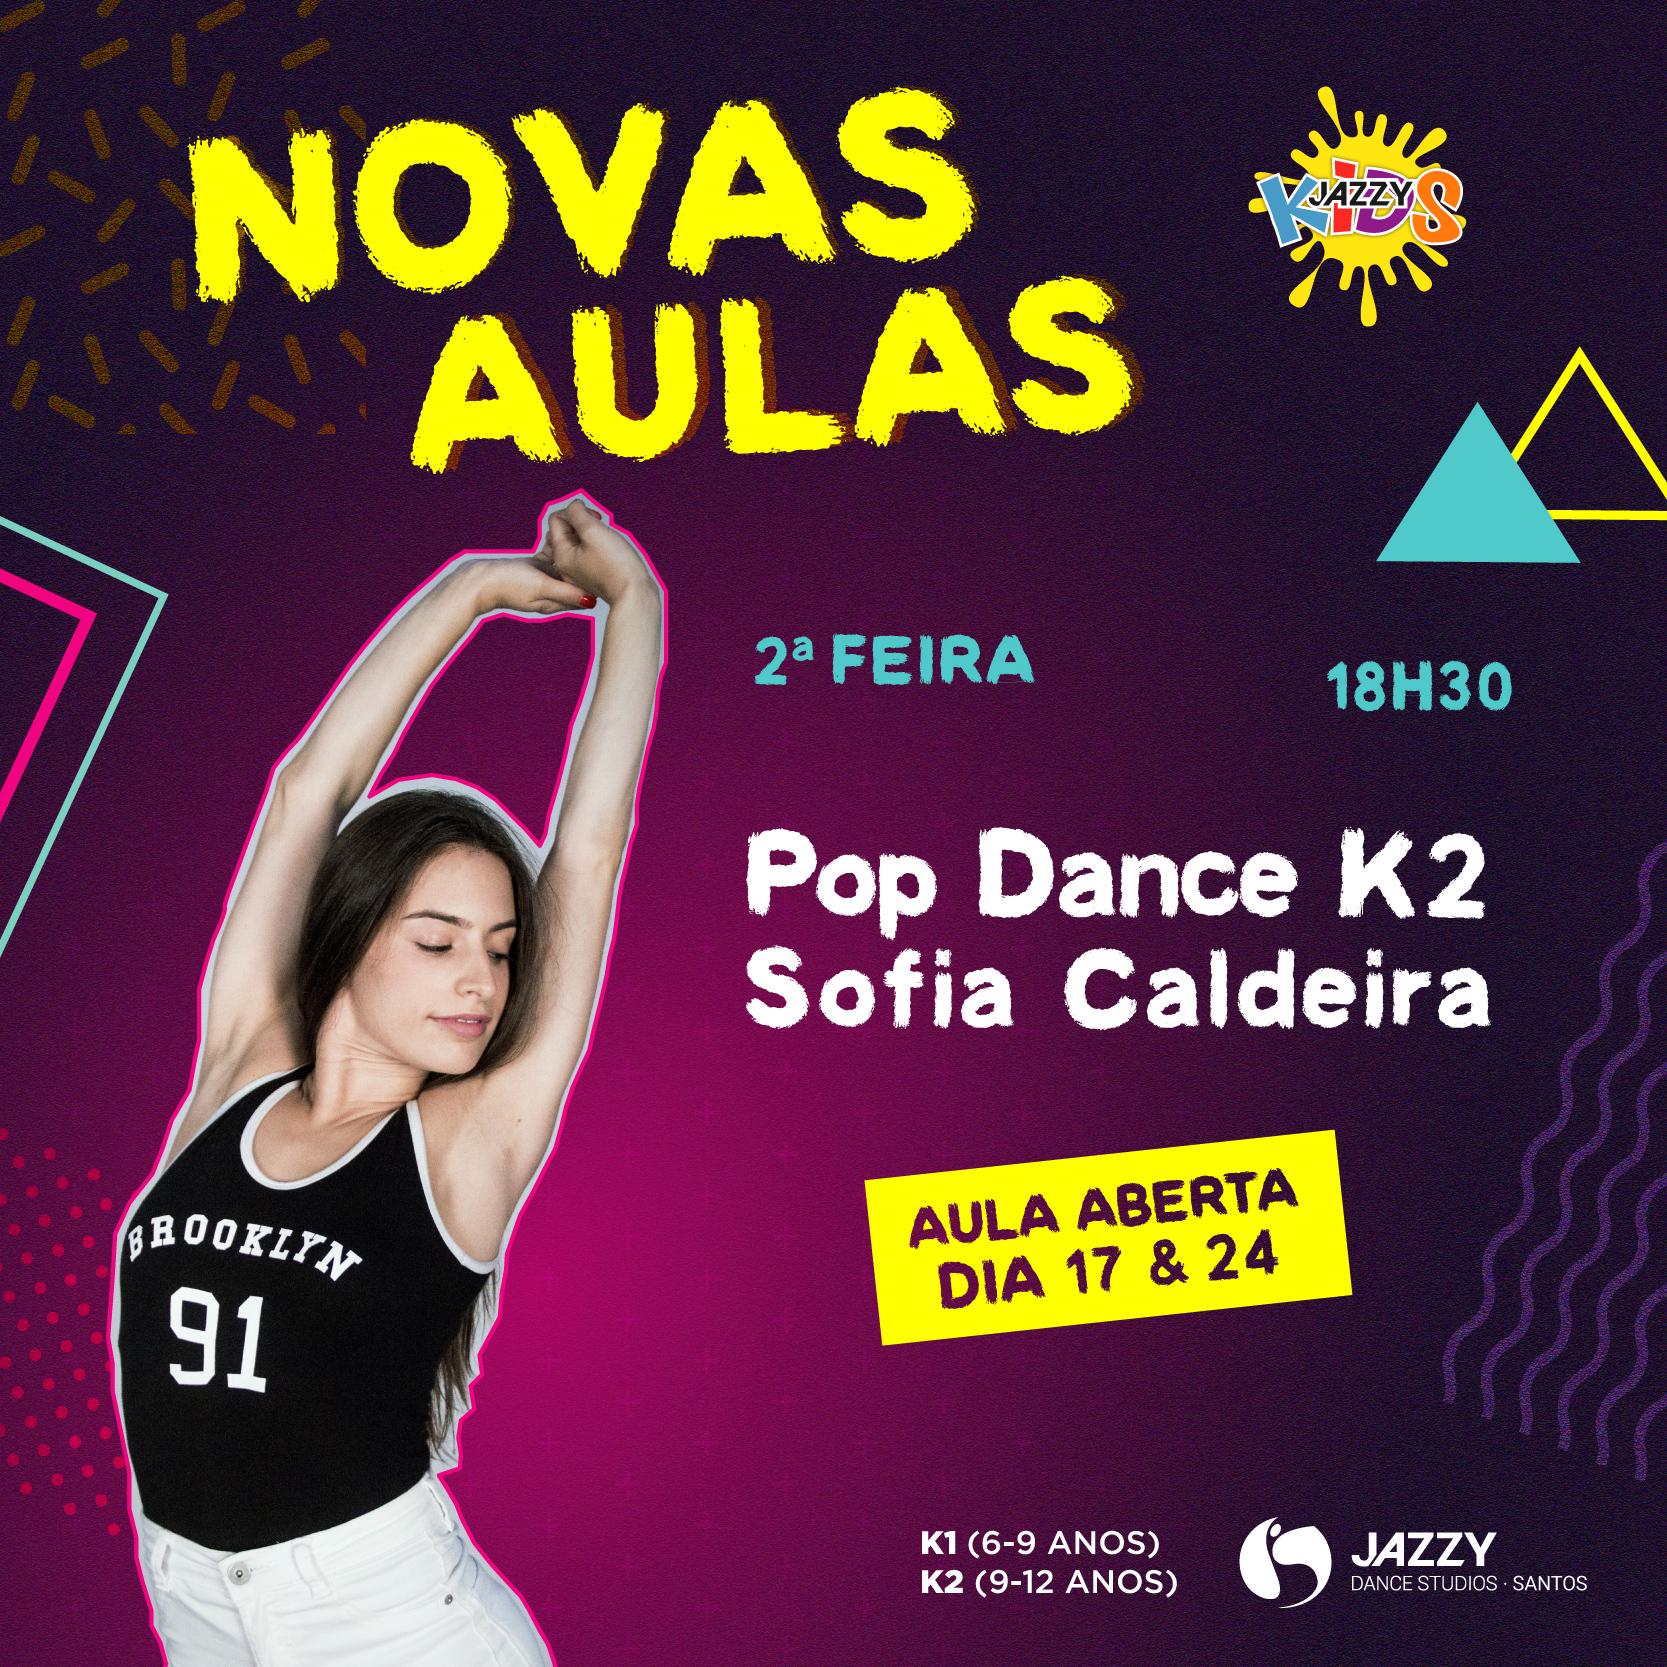 Novas Aulas_Santos_v3_2_Pop Dance.jpg